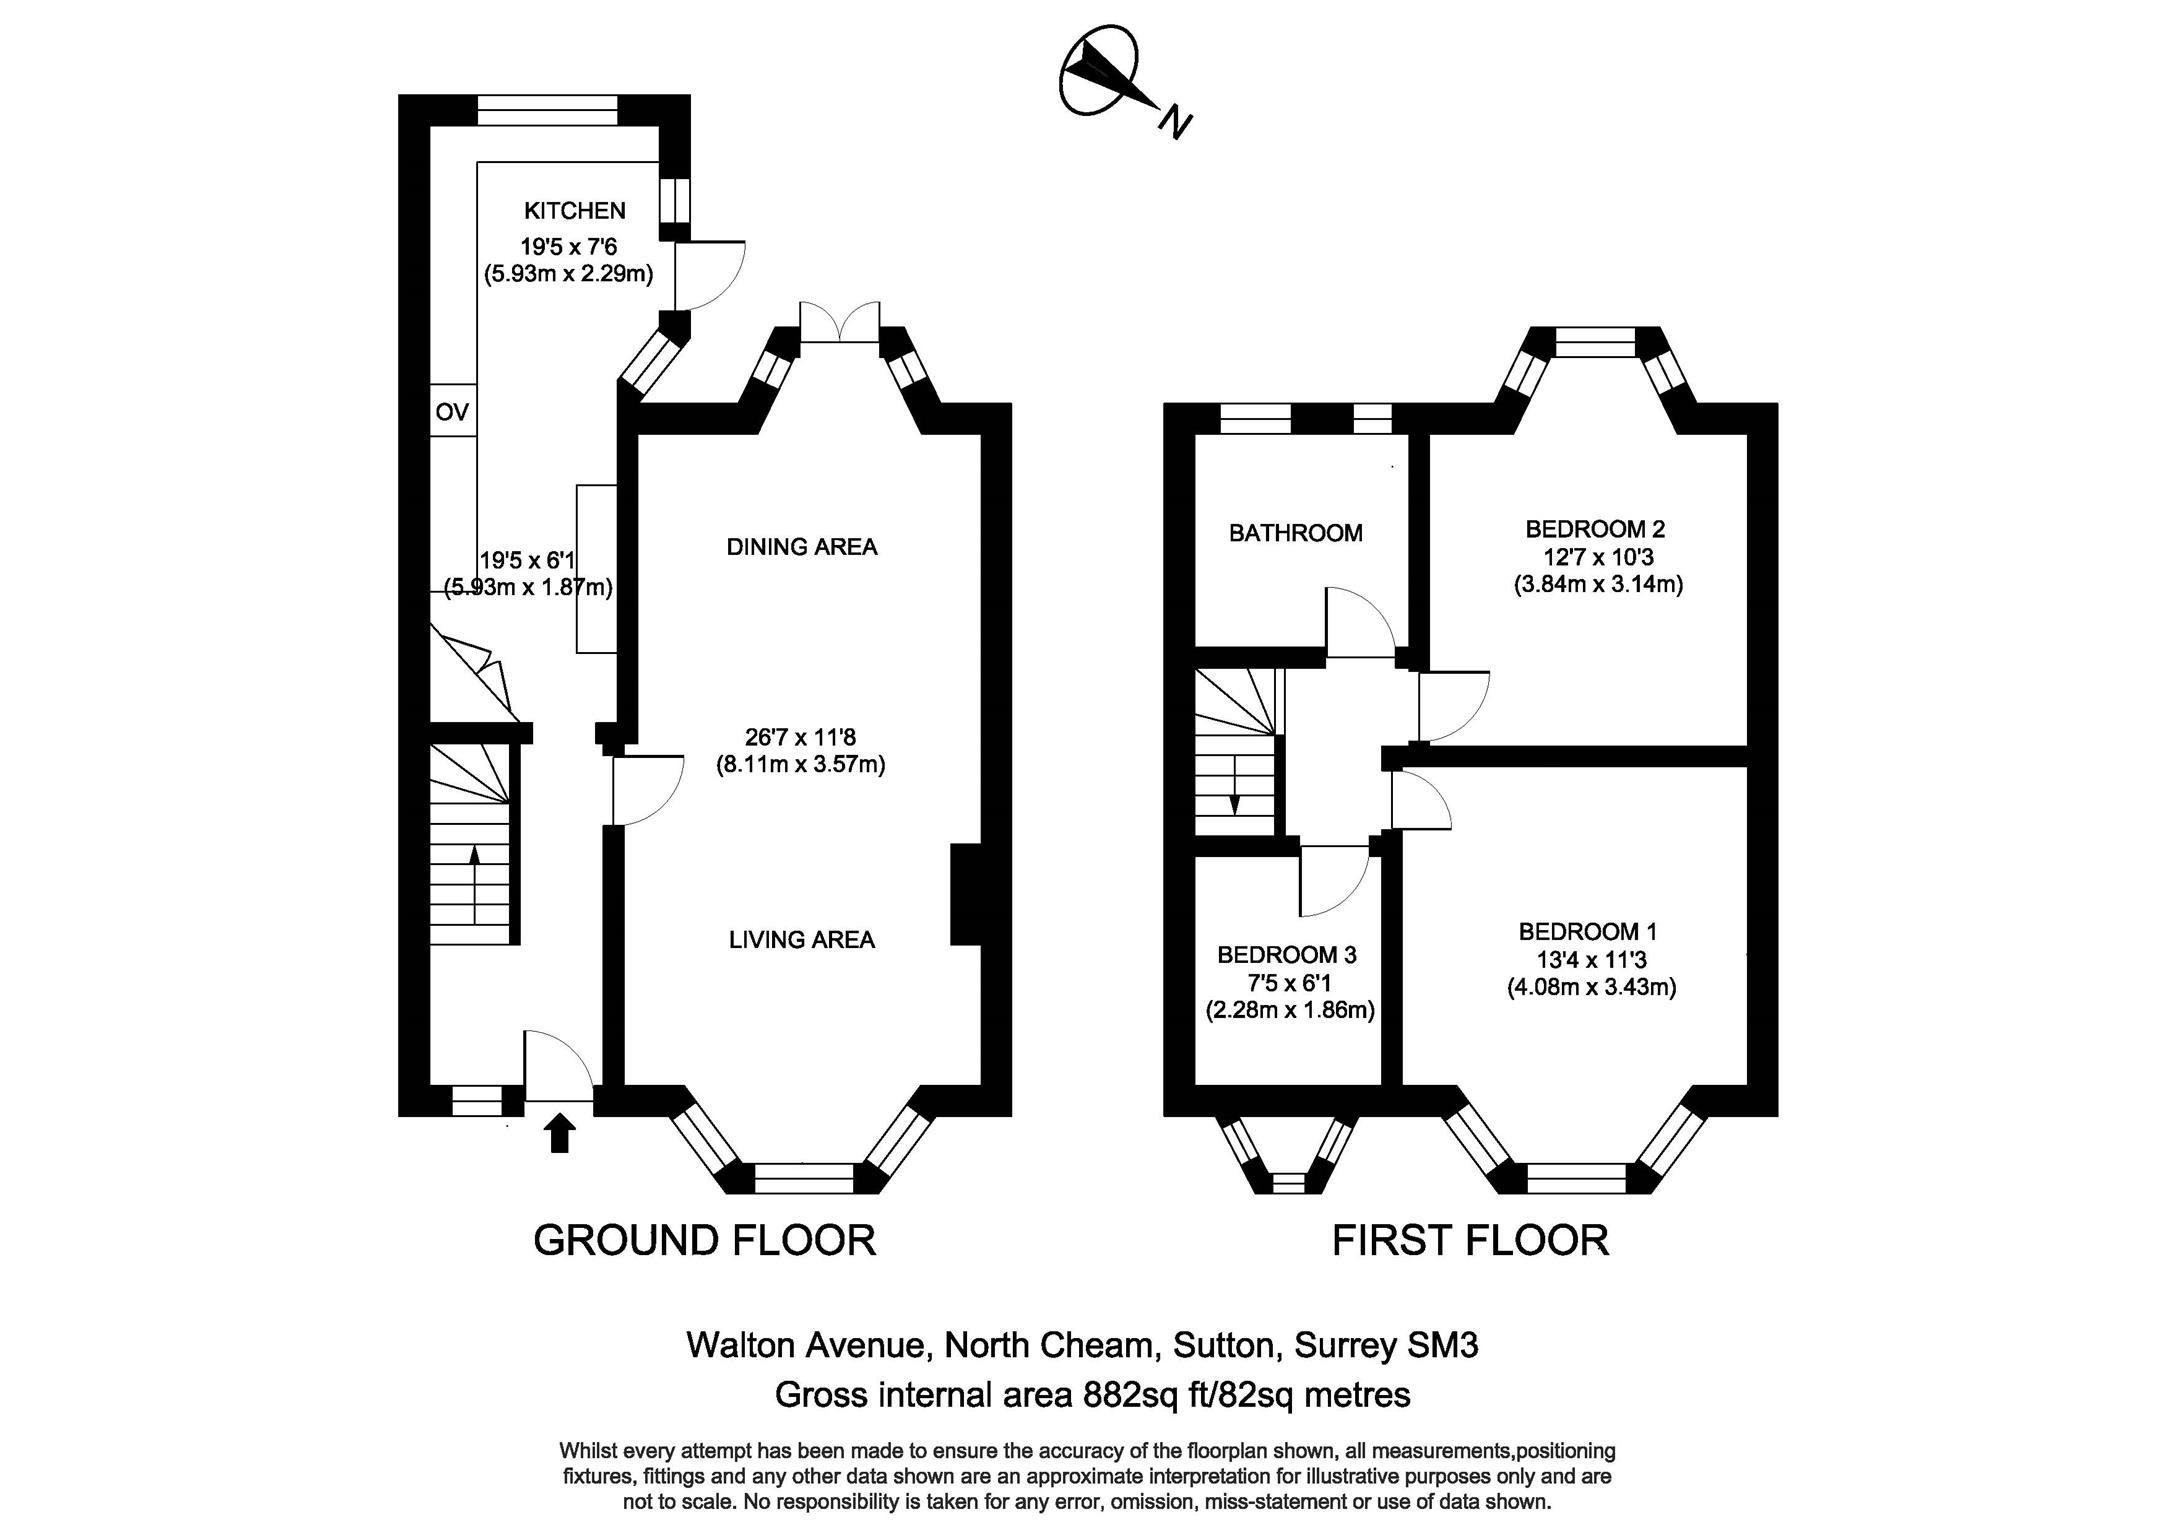 Walton Avenue, North Cheam, Surrey SM3, 3 Bedroom Terraced